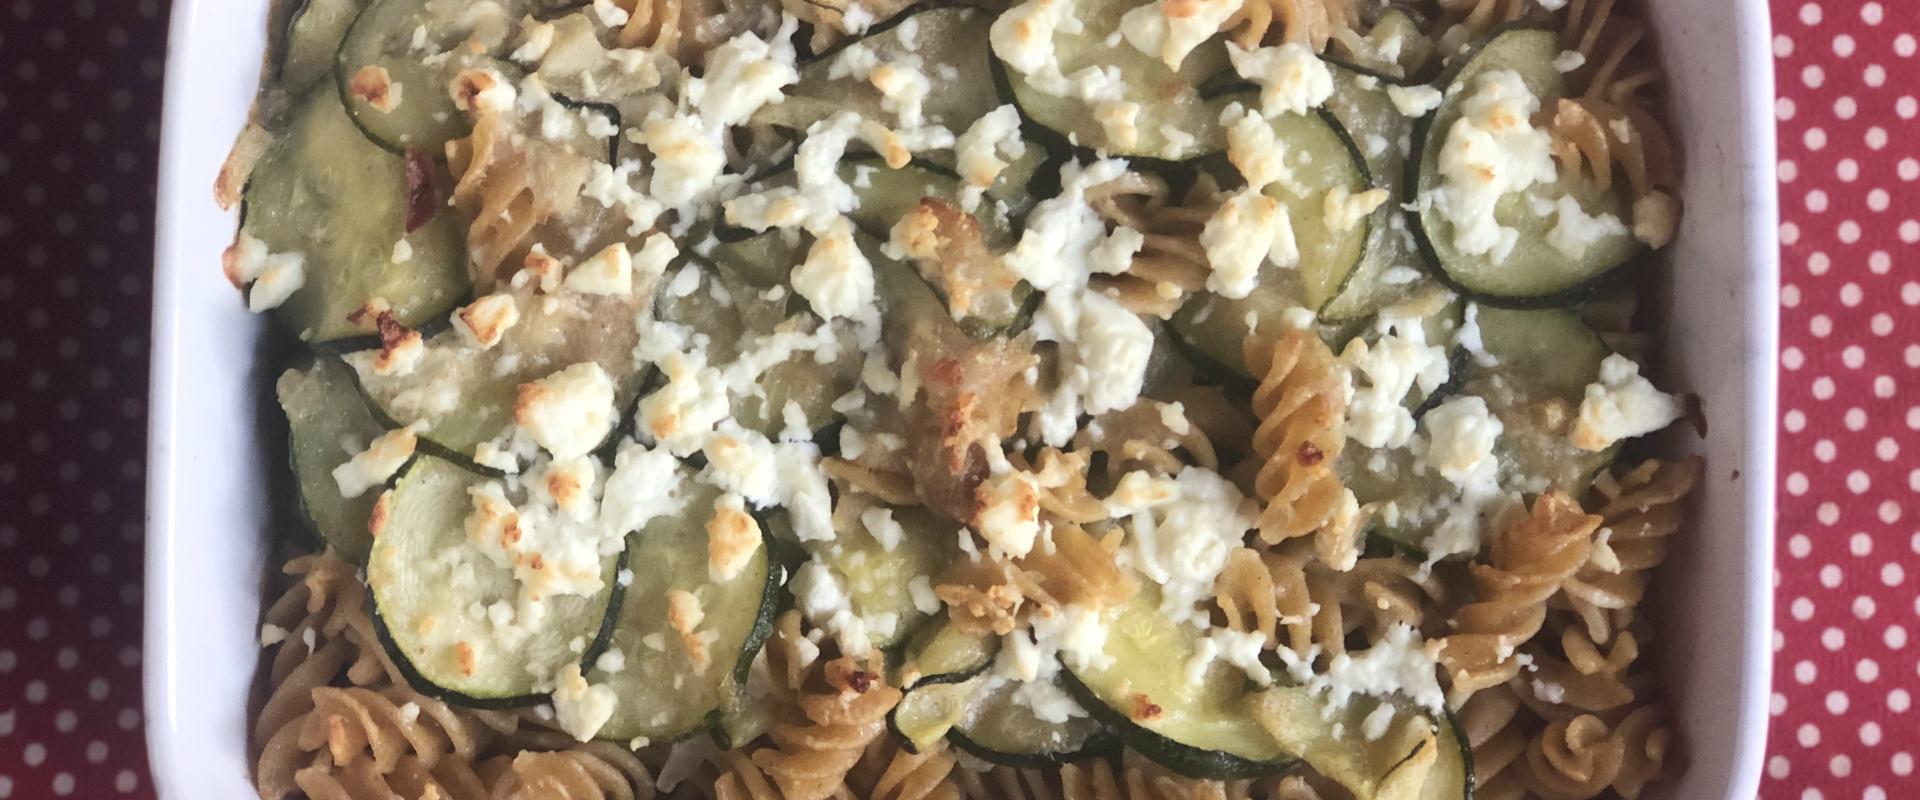 cukkinis fetás sült tészta cover